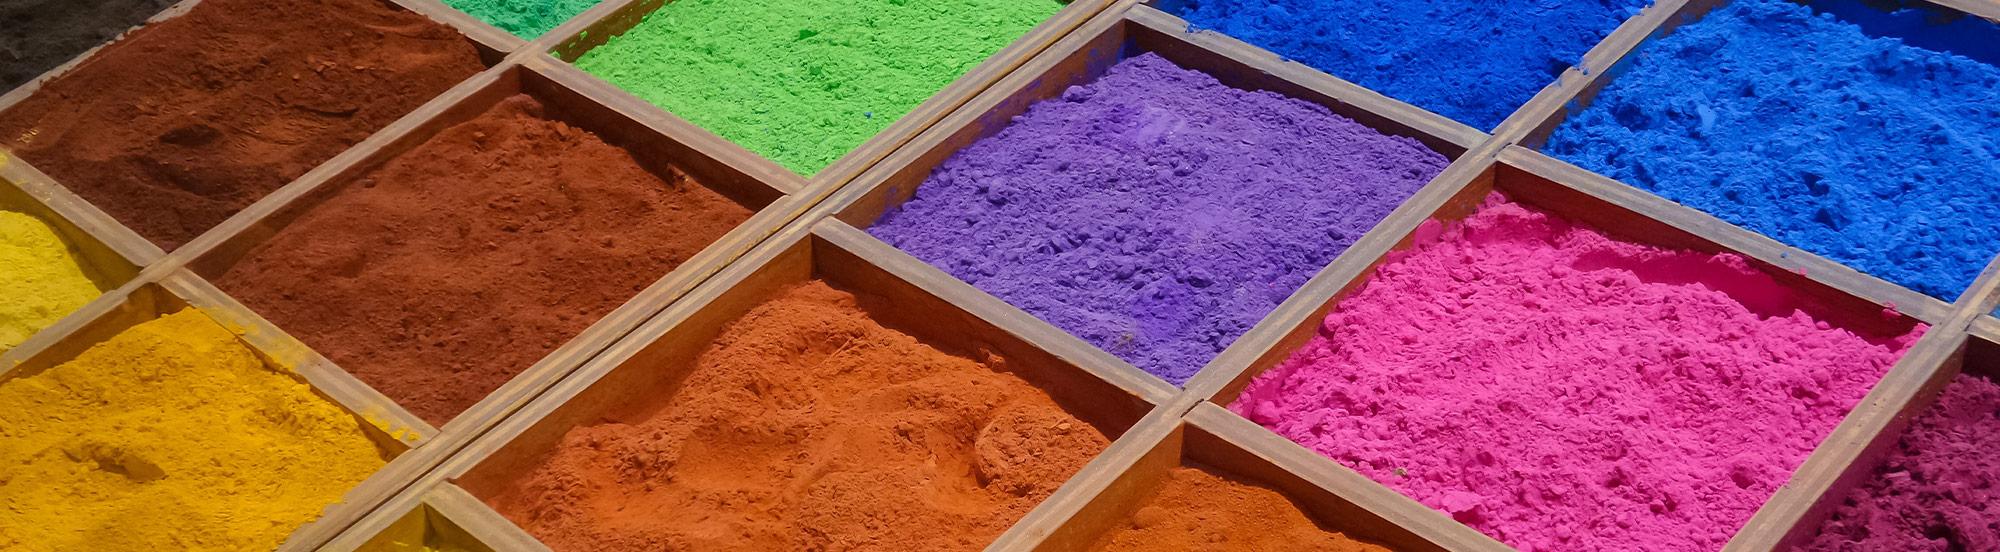 naturfarben natuerliche farben muenchen 001 - Naturfarben